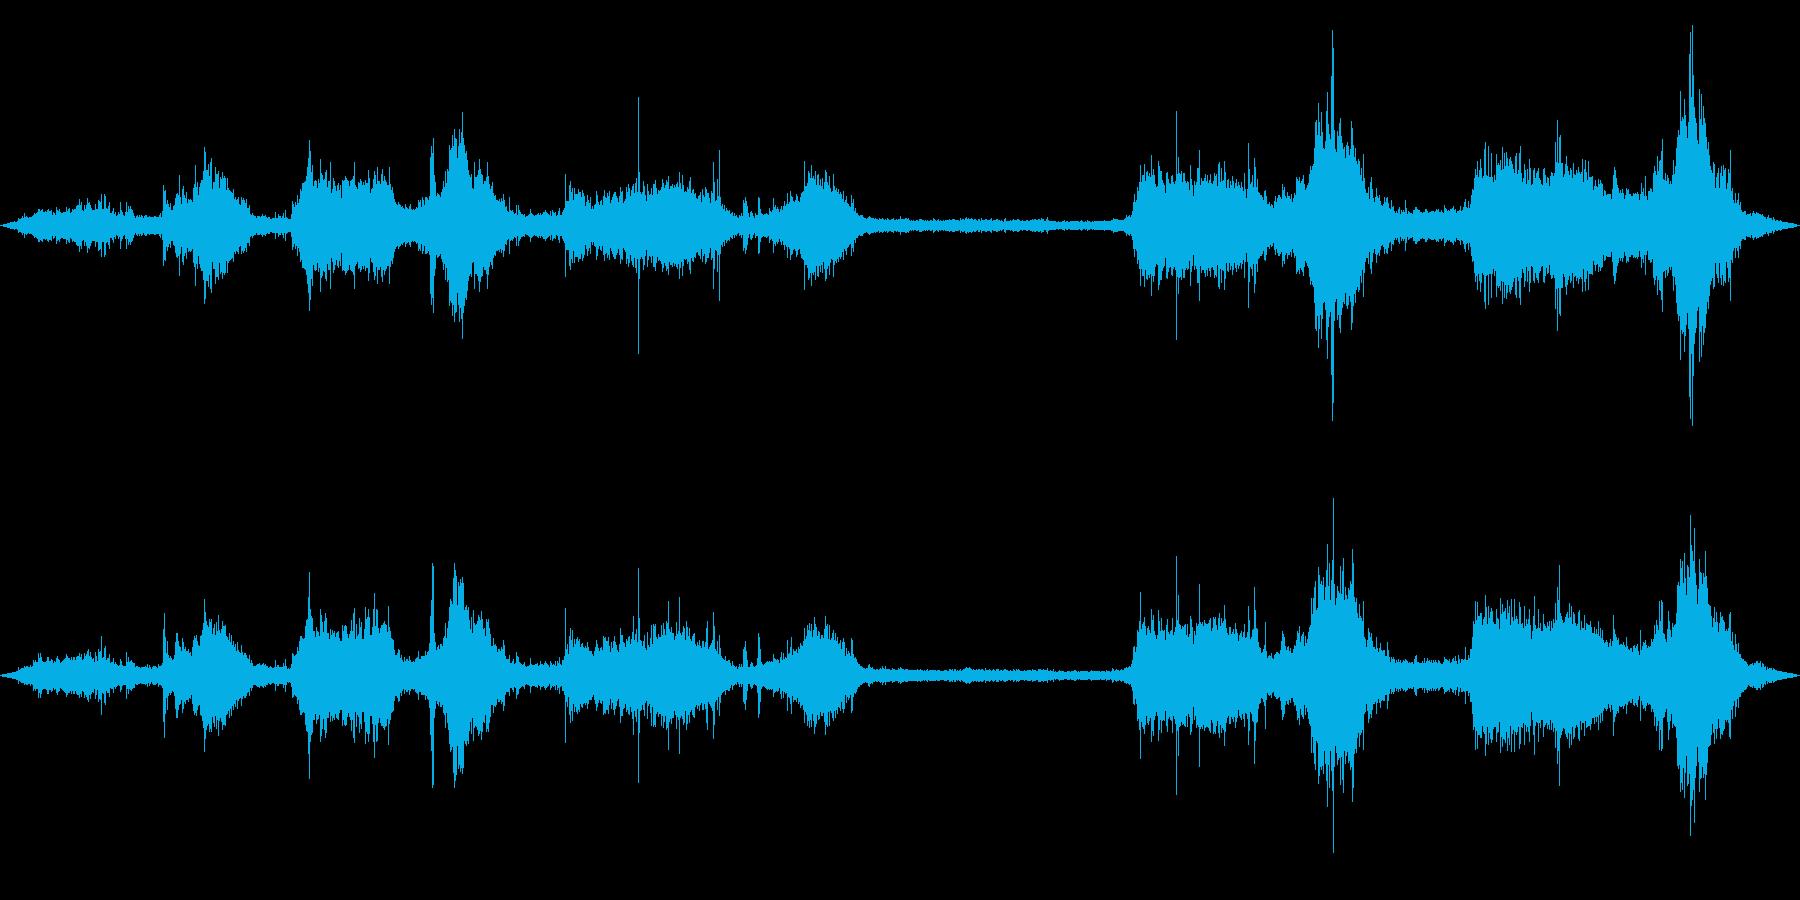 テトラポッド付近の波の音2の再生済みの波形